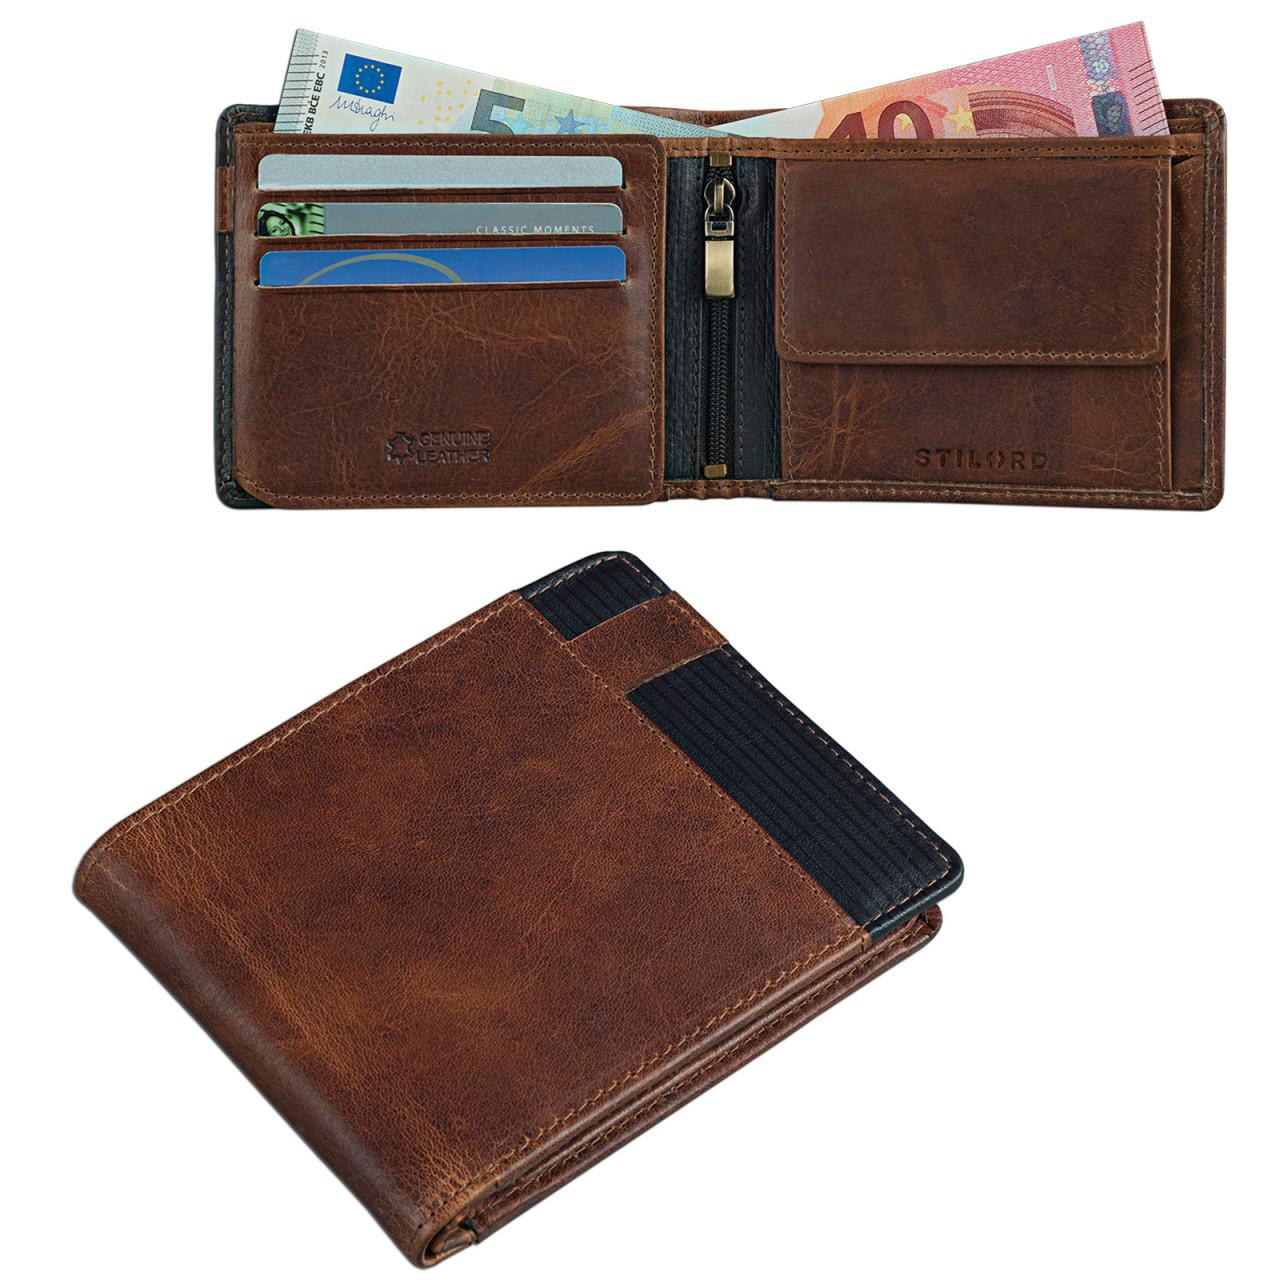 2637699c30bf1 Herren Portemonnaie aus Leder Geldbörse Vintage Leder Braun-Schwarz